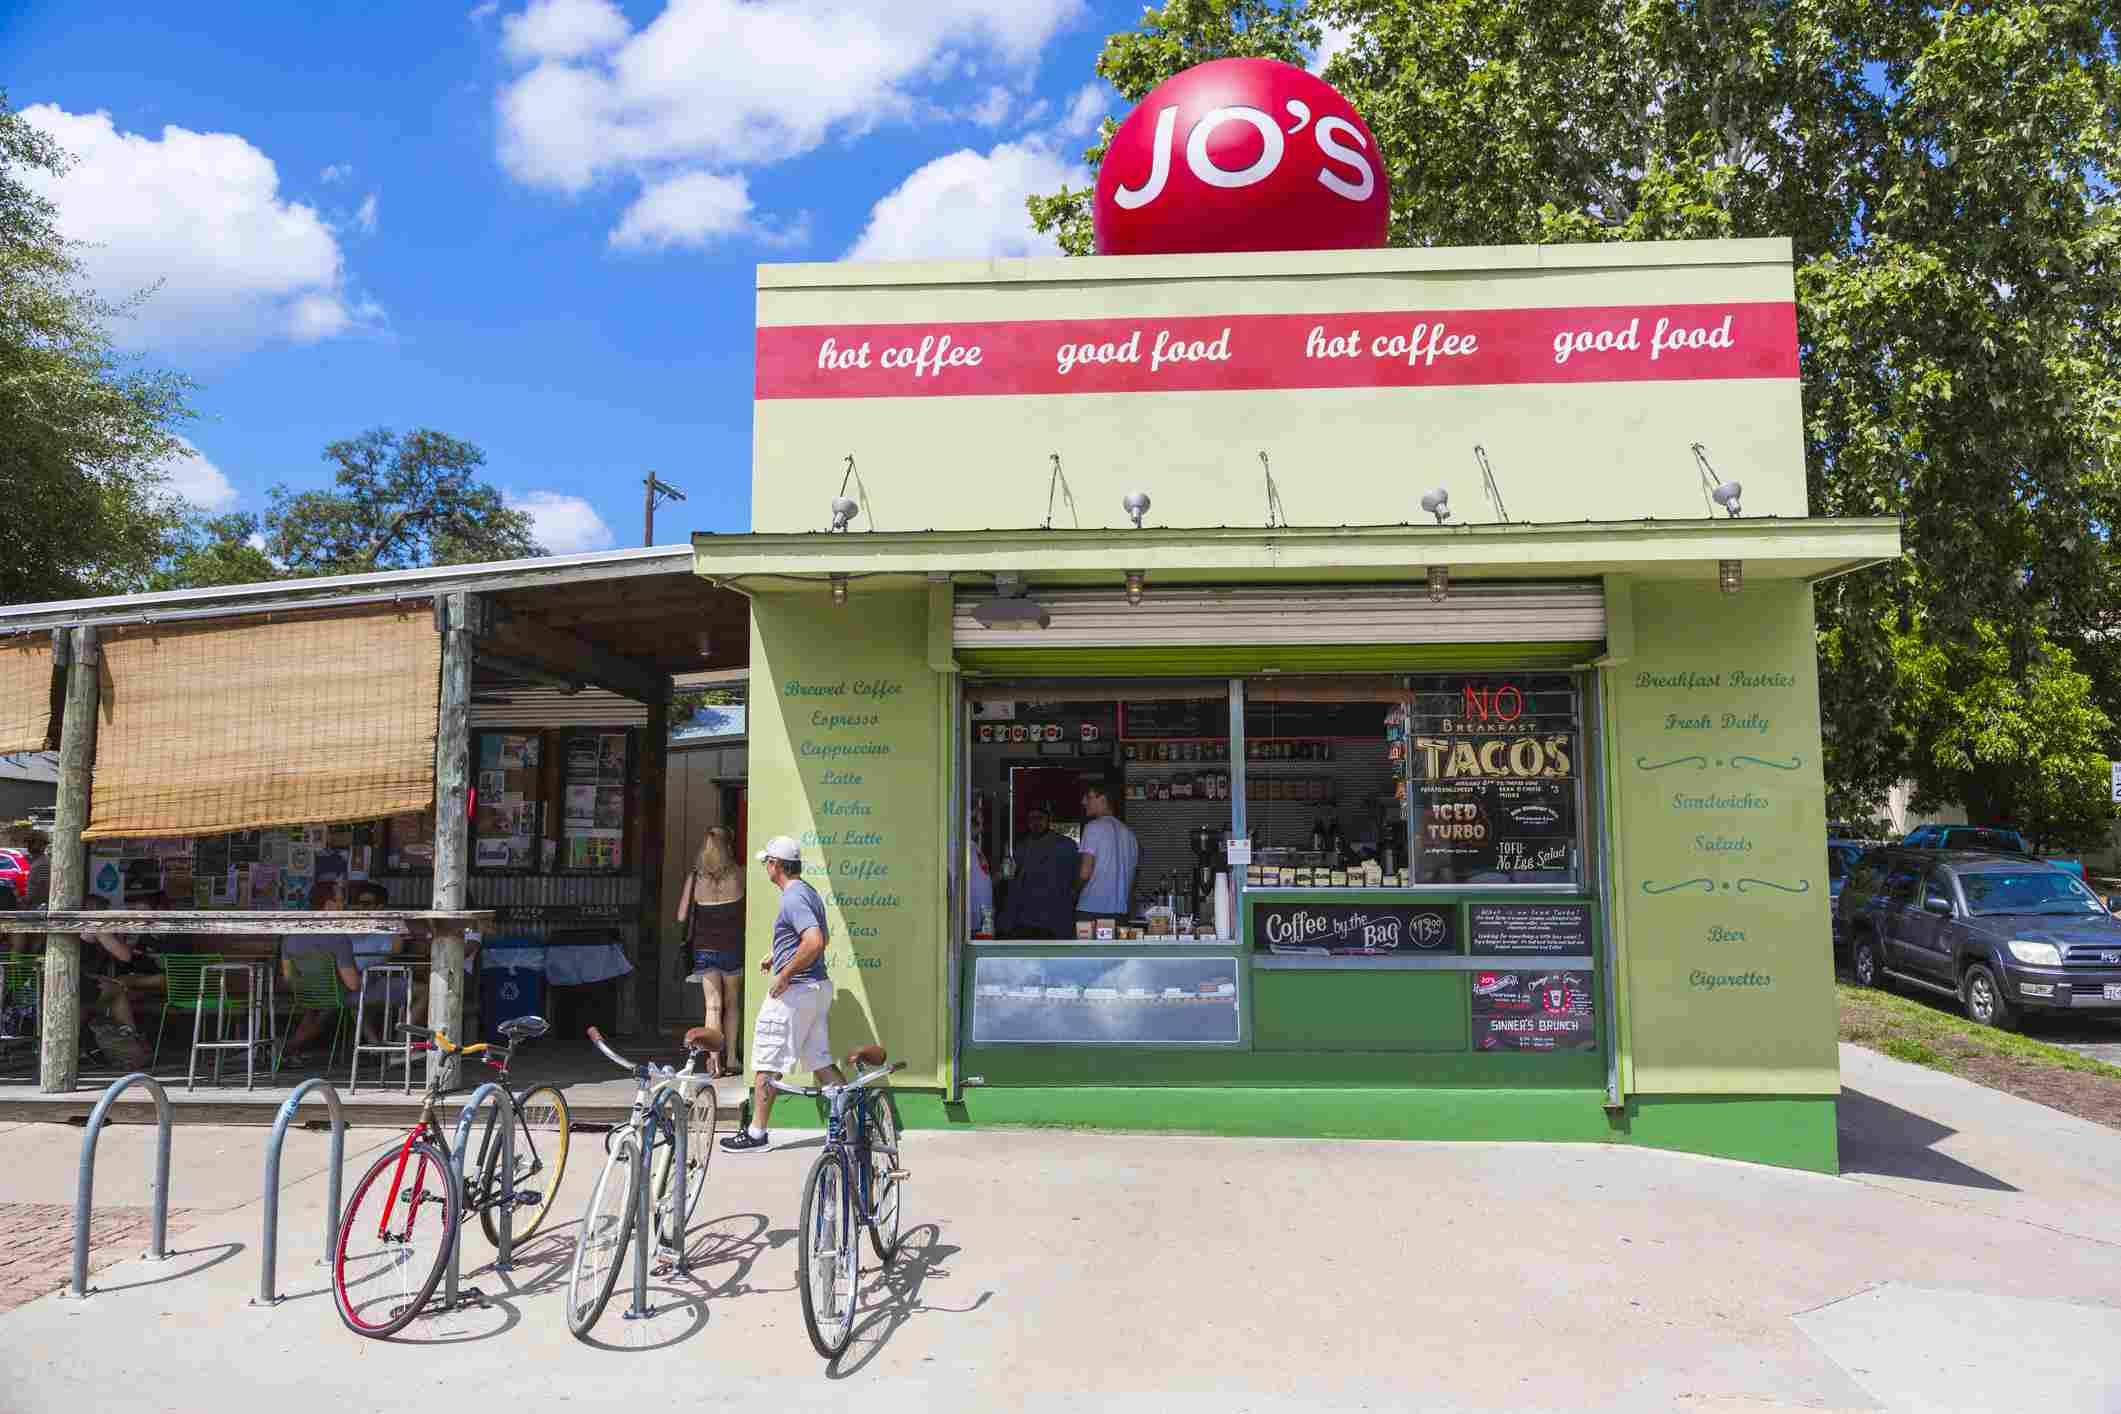 Café de Jo en el distrito SoCo de Austin, Texas